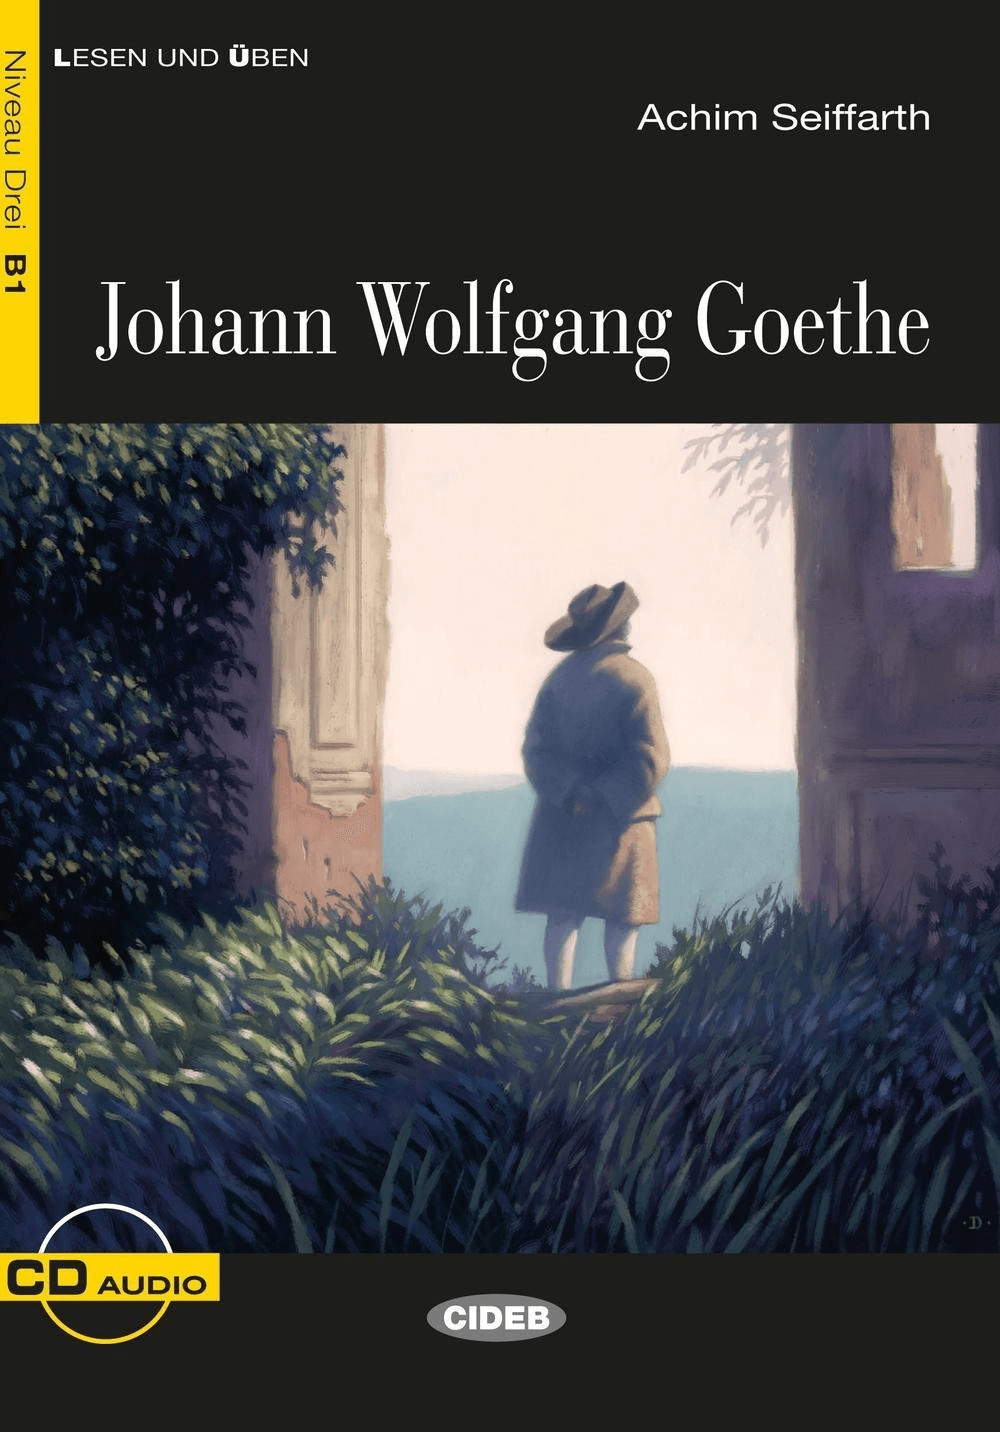 Johann Wolfgang Goethe (Seiffarth, Achim)